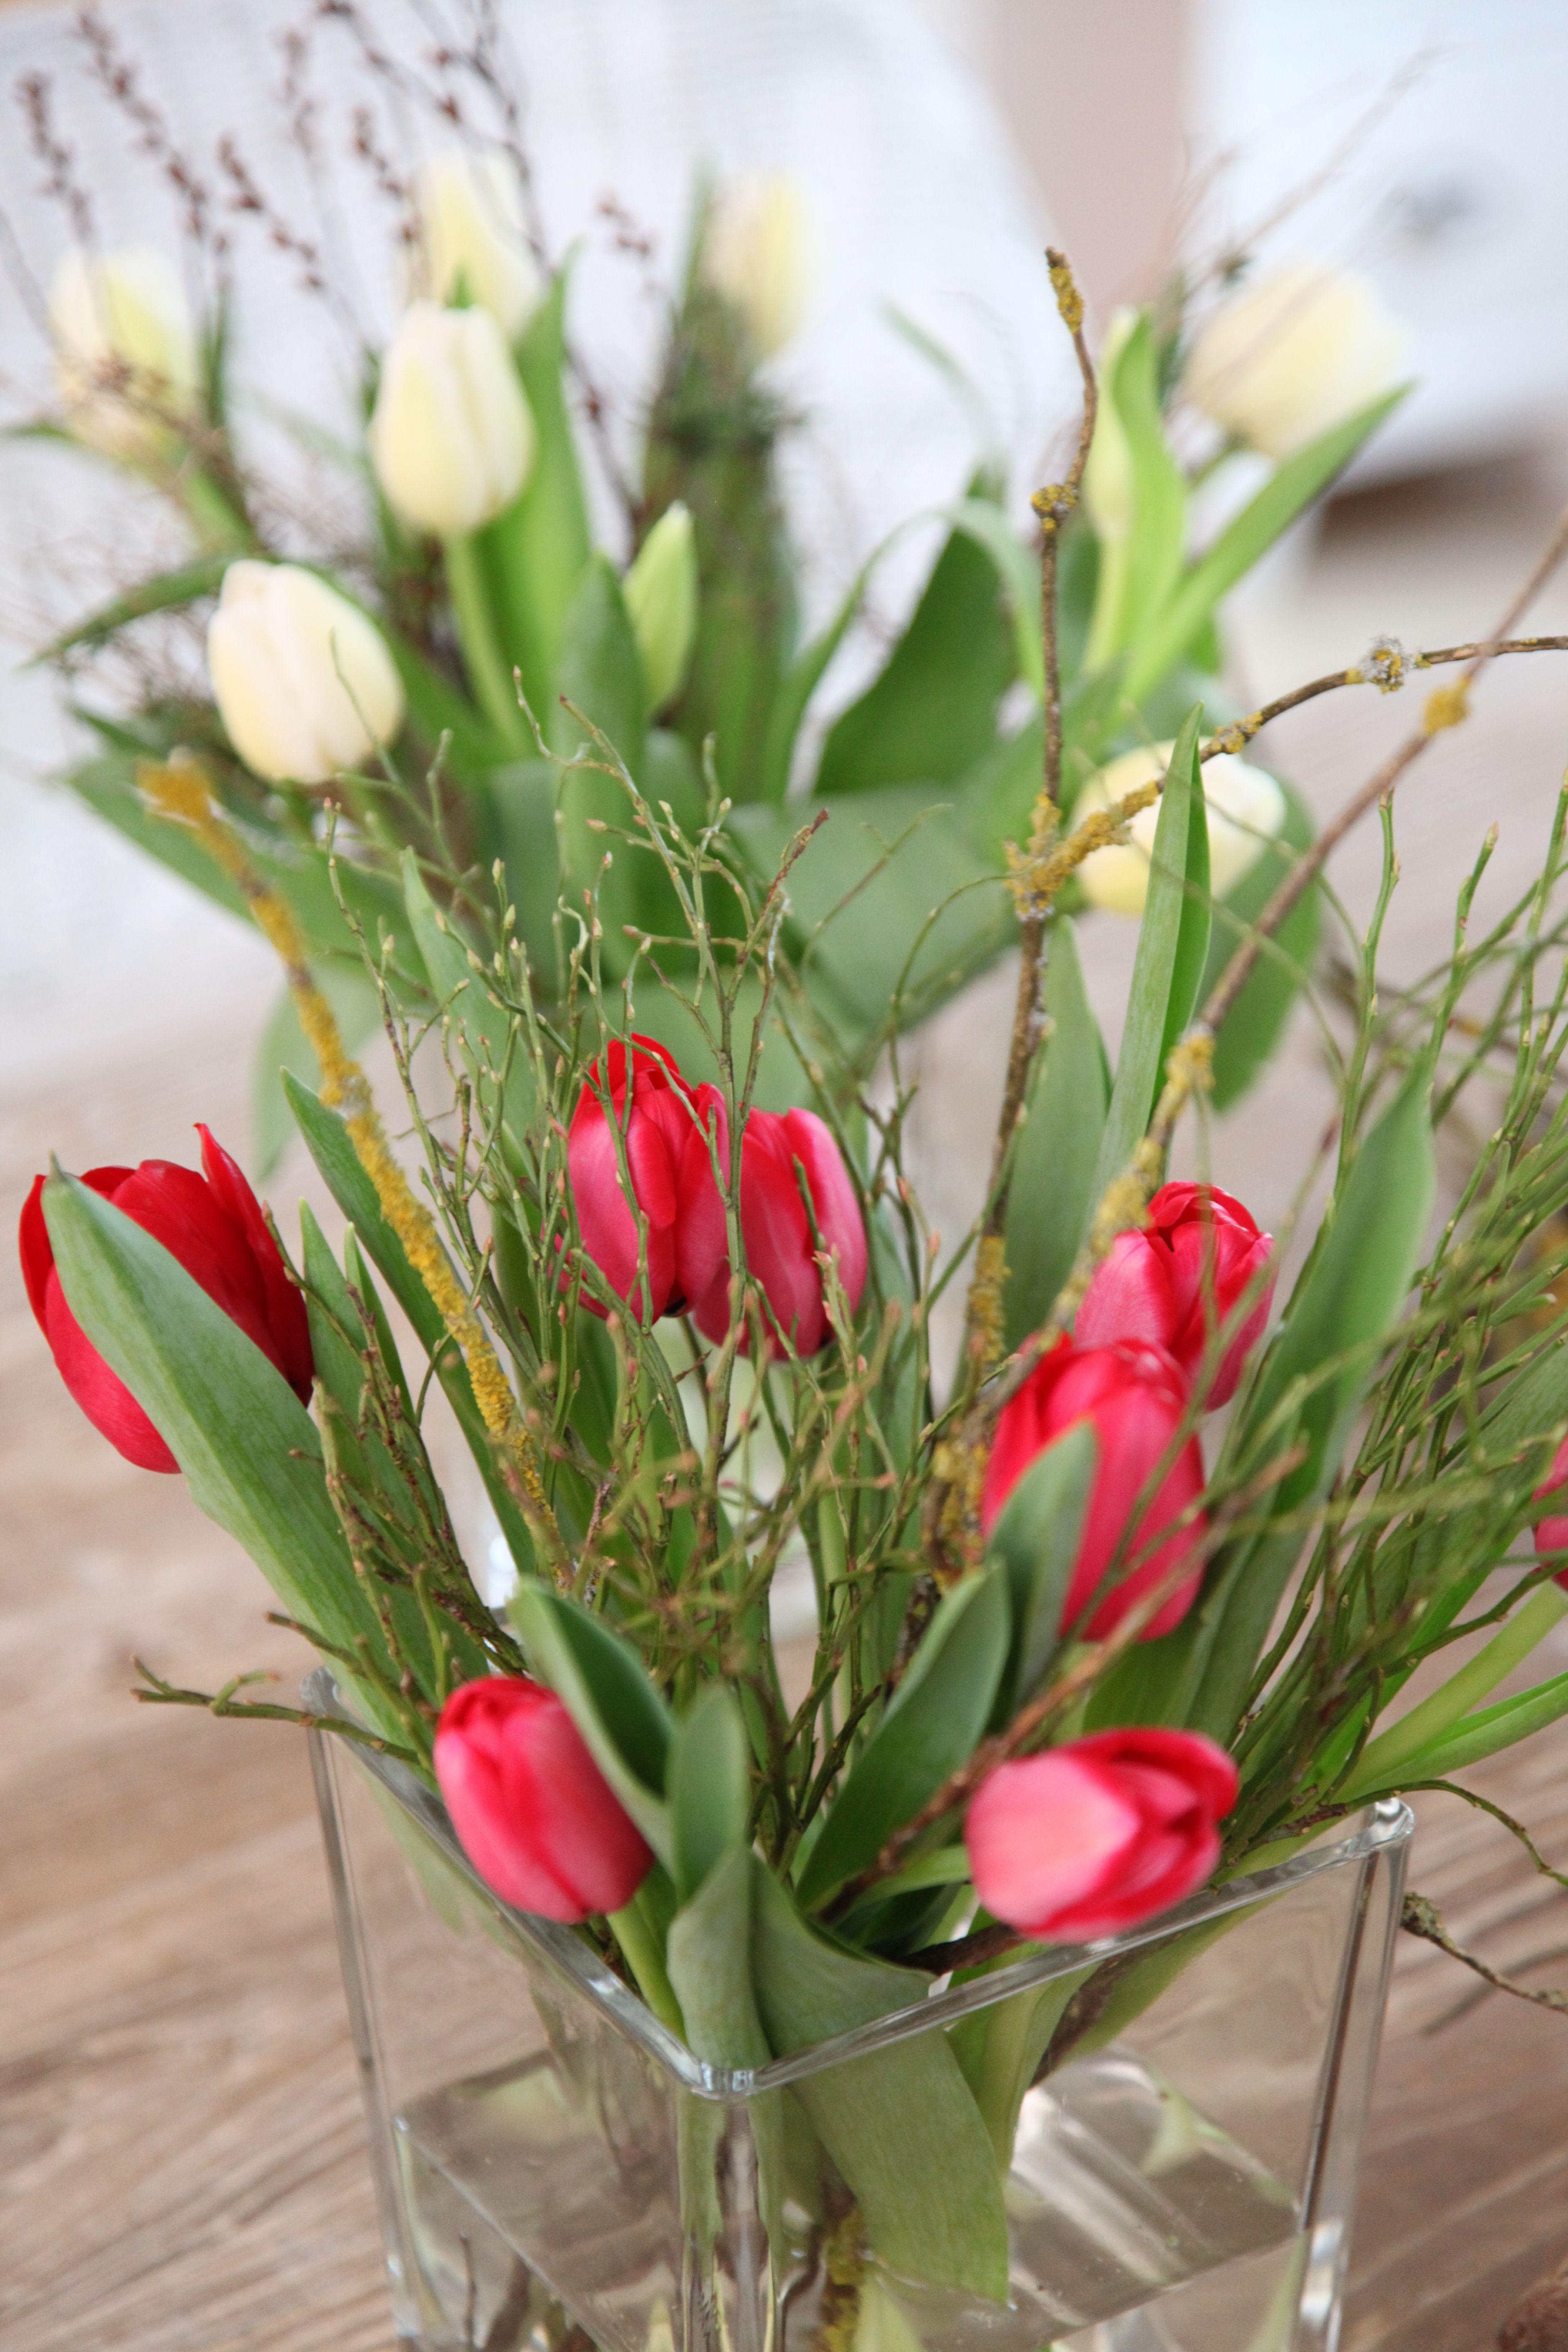 Damit Ein Bund Tulpen Den Man Schon Sehr Gunstig An Den Supermarkt Kassen Erstehen Kann Prachtig Zur Geltung Kommt Braucht Es Nur In 2020 Tulpen Fruhling Dekorieren